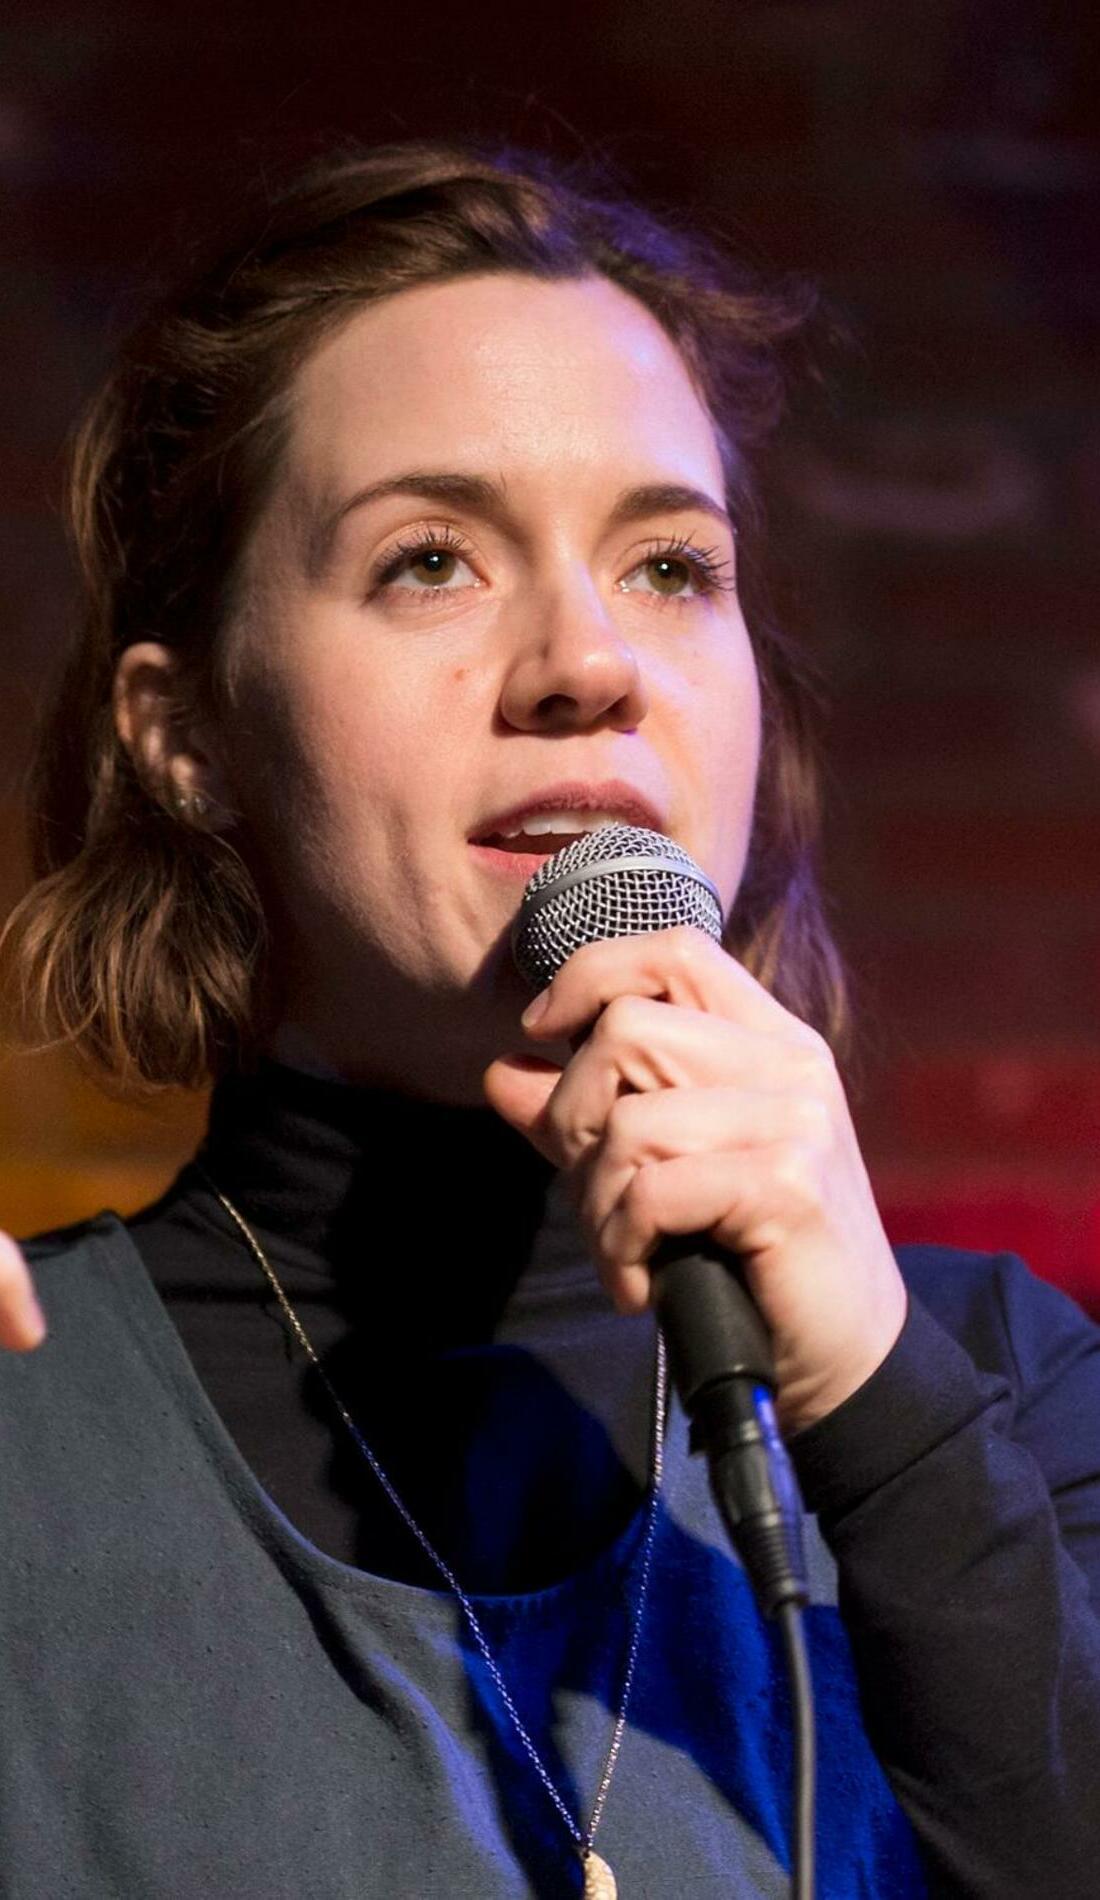 A Alice Wetterlund live event